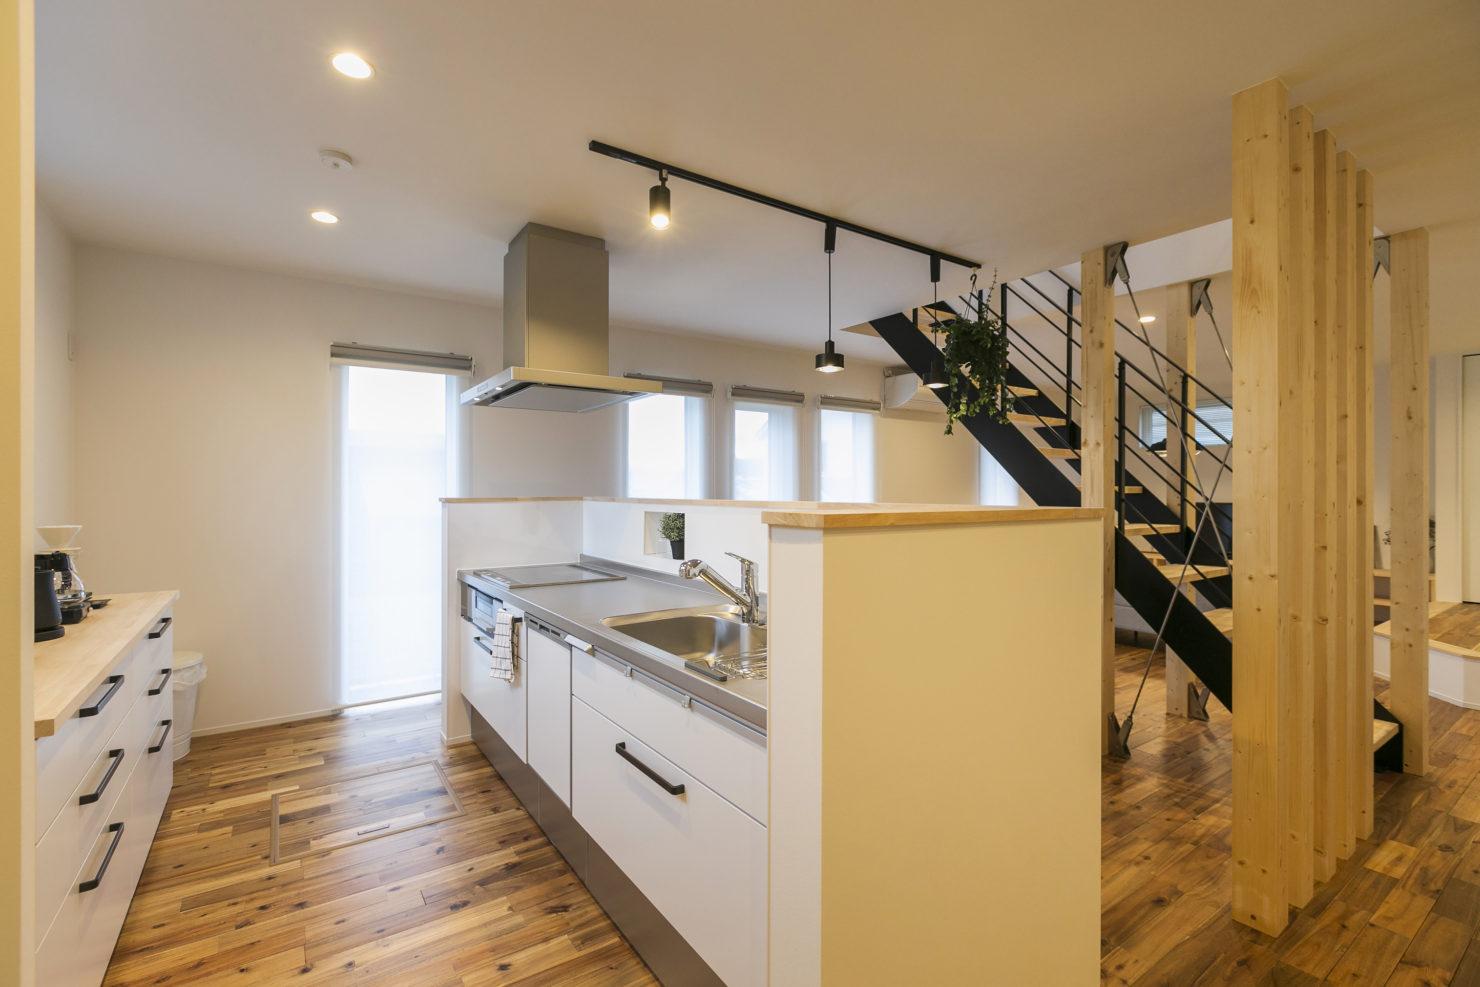 ハウスM21+archi「閉じる」から「開く」キッチン写真